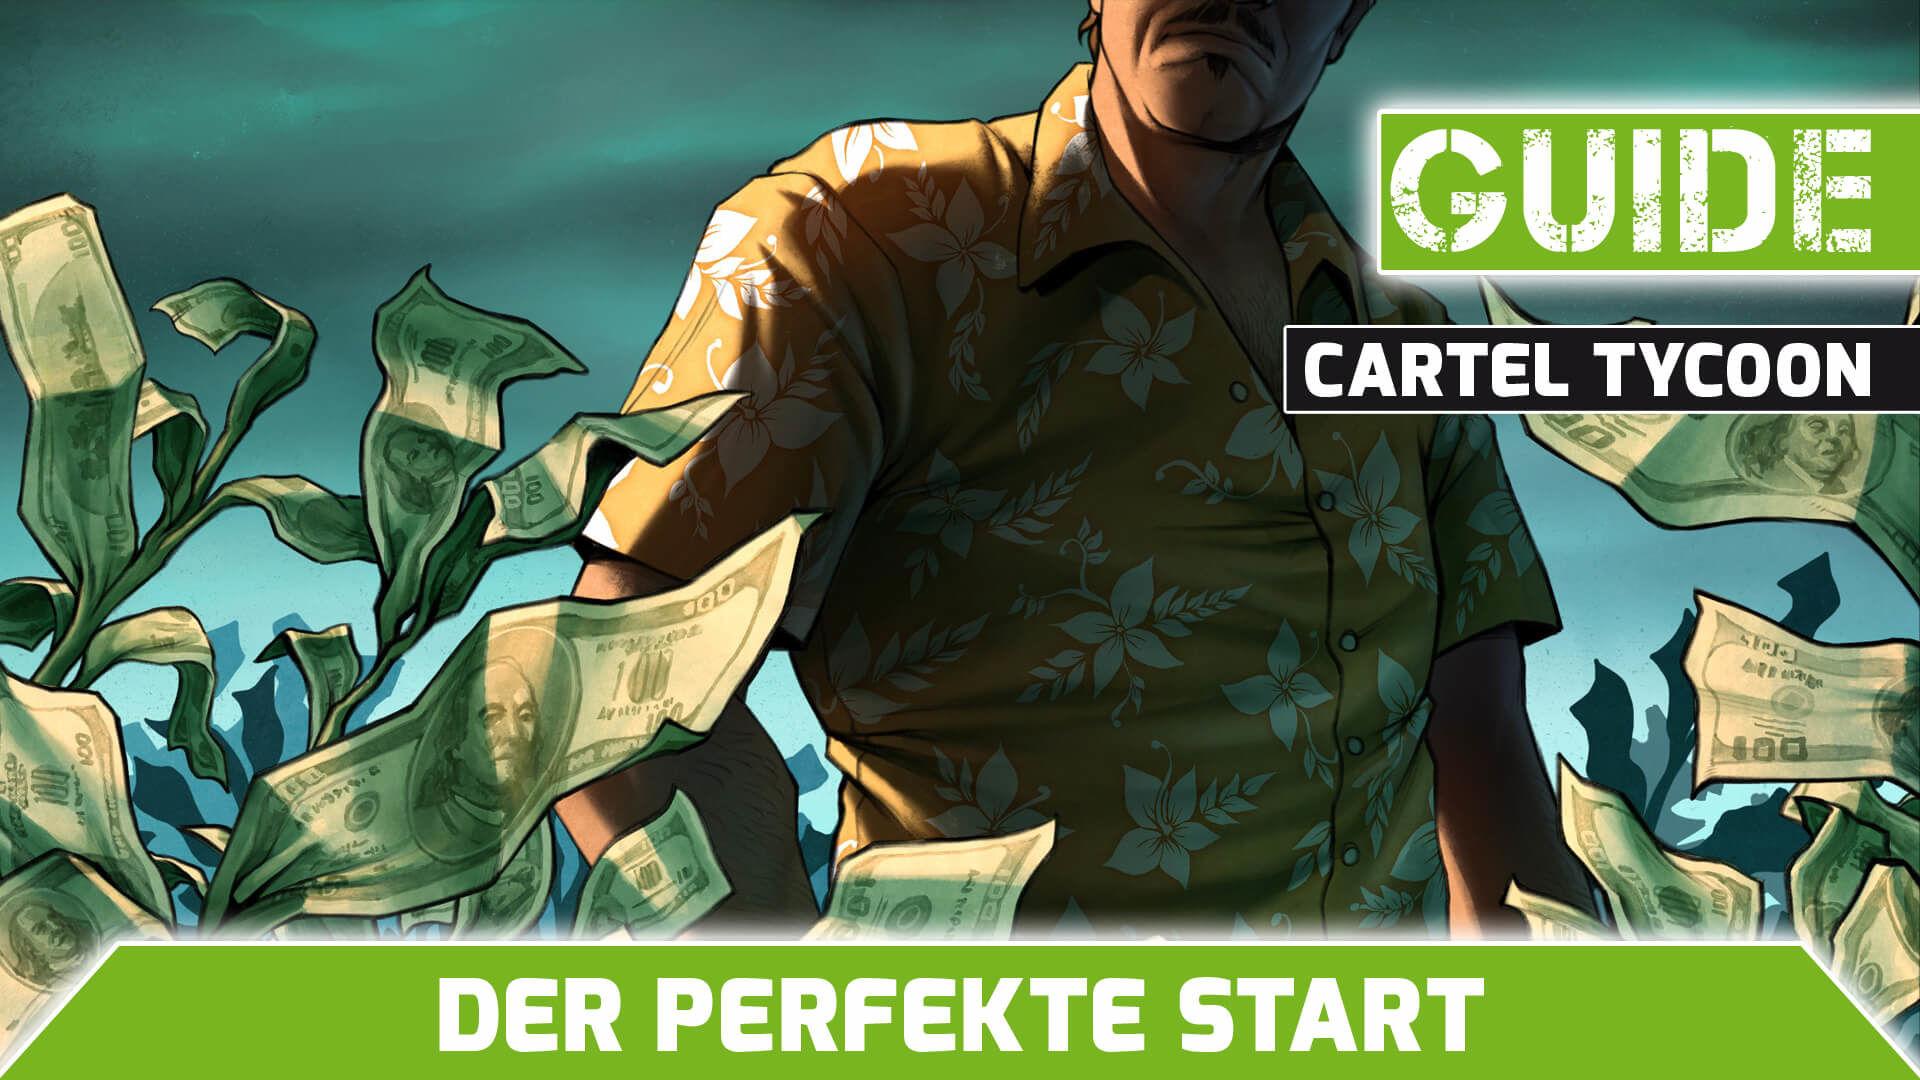 Cartel-Tycoon-perfekte-start